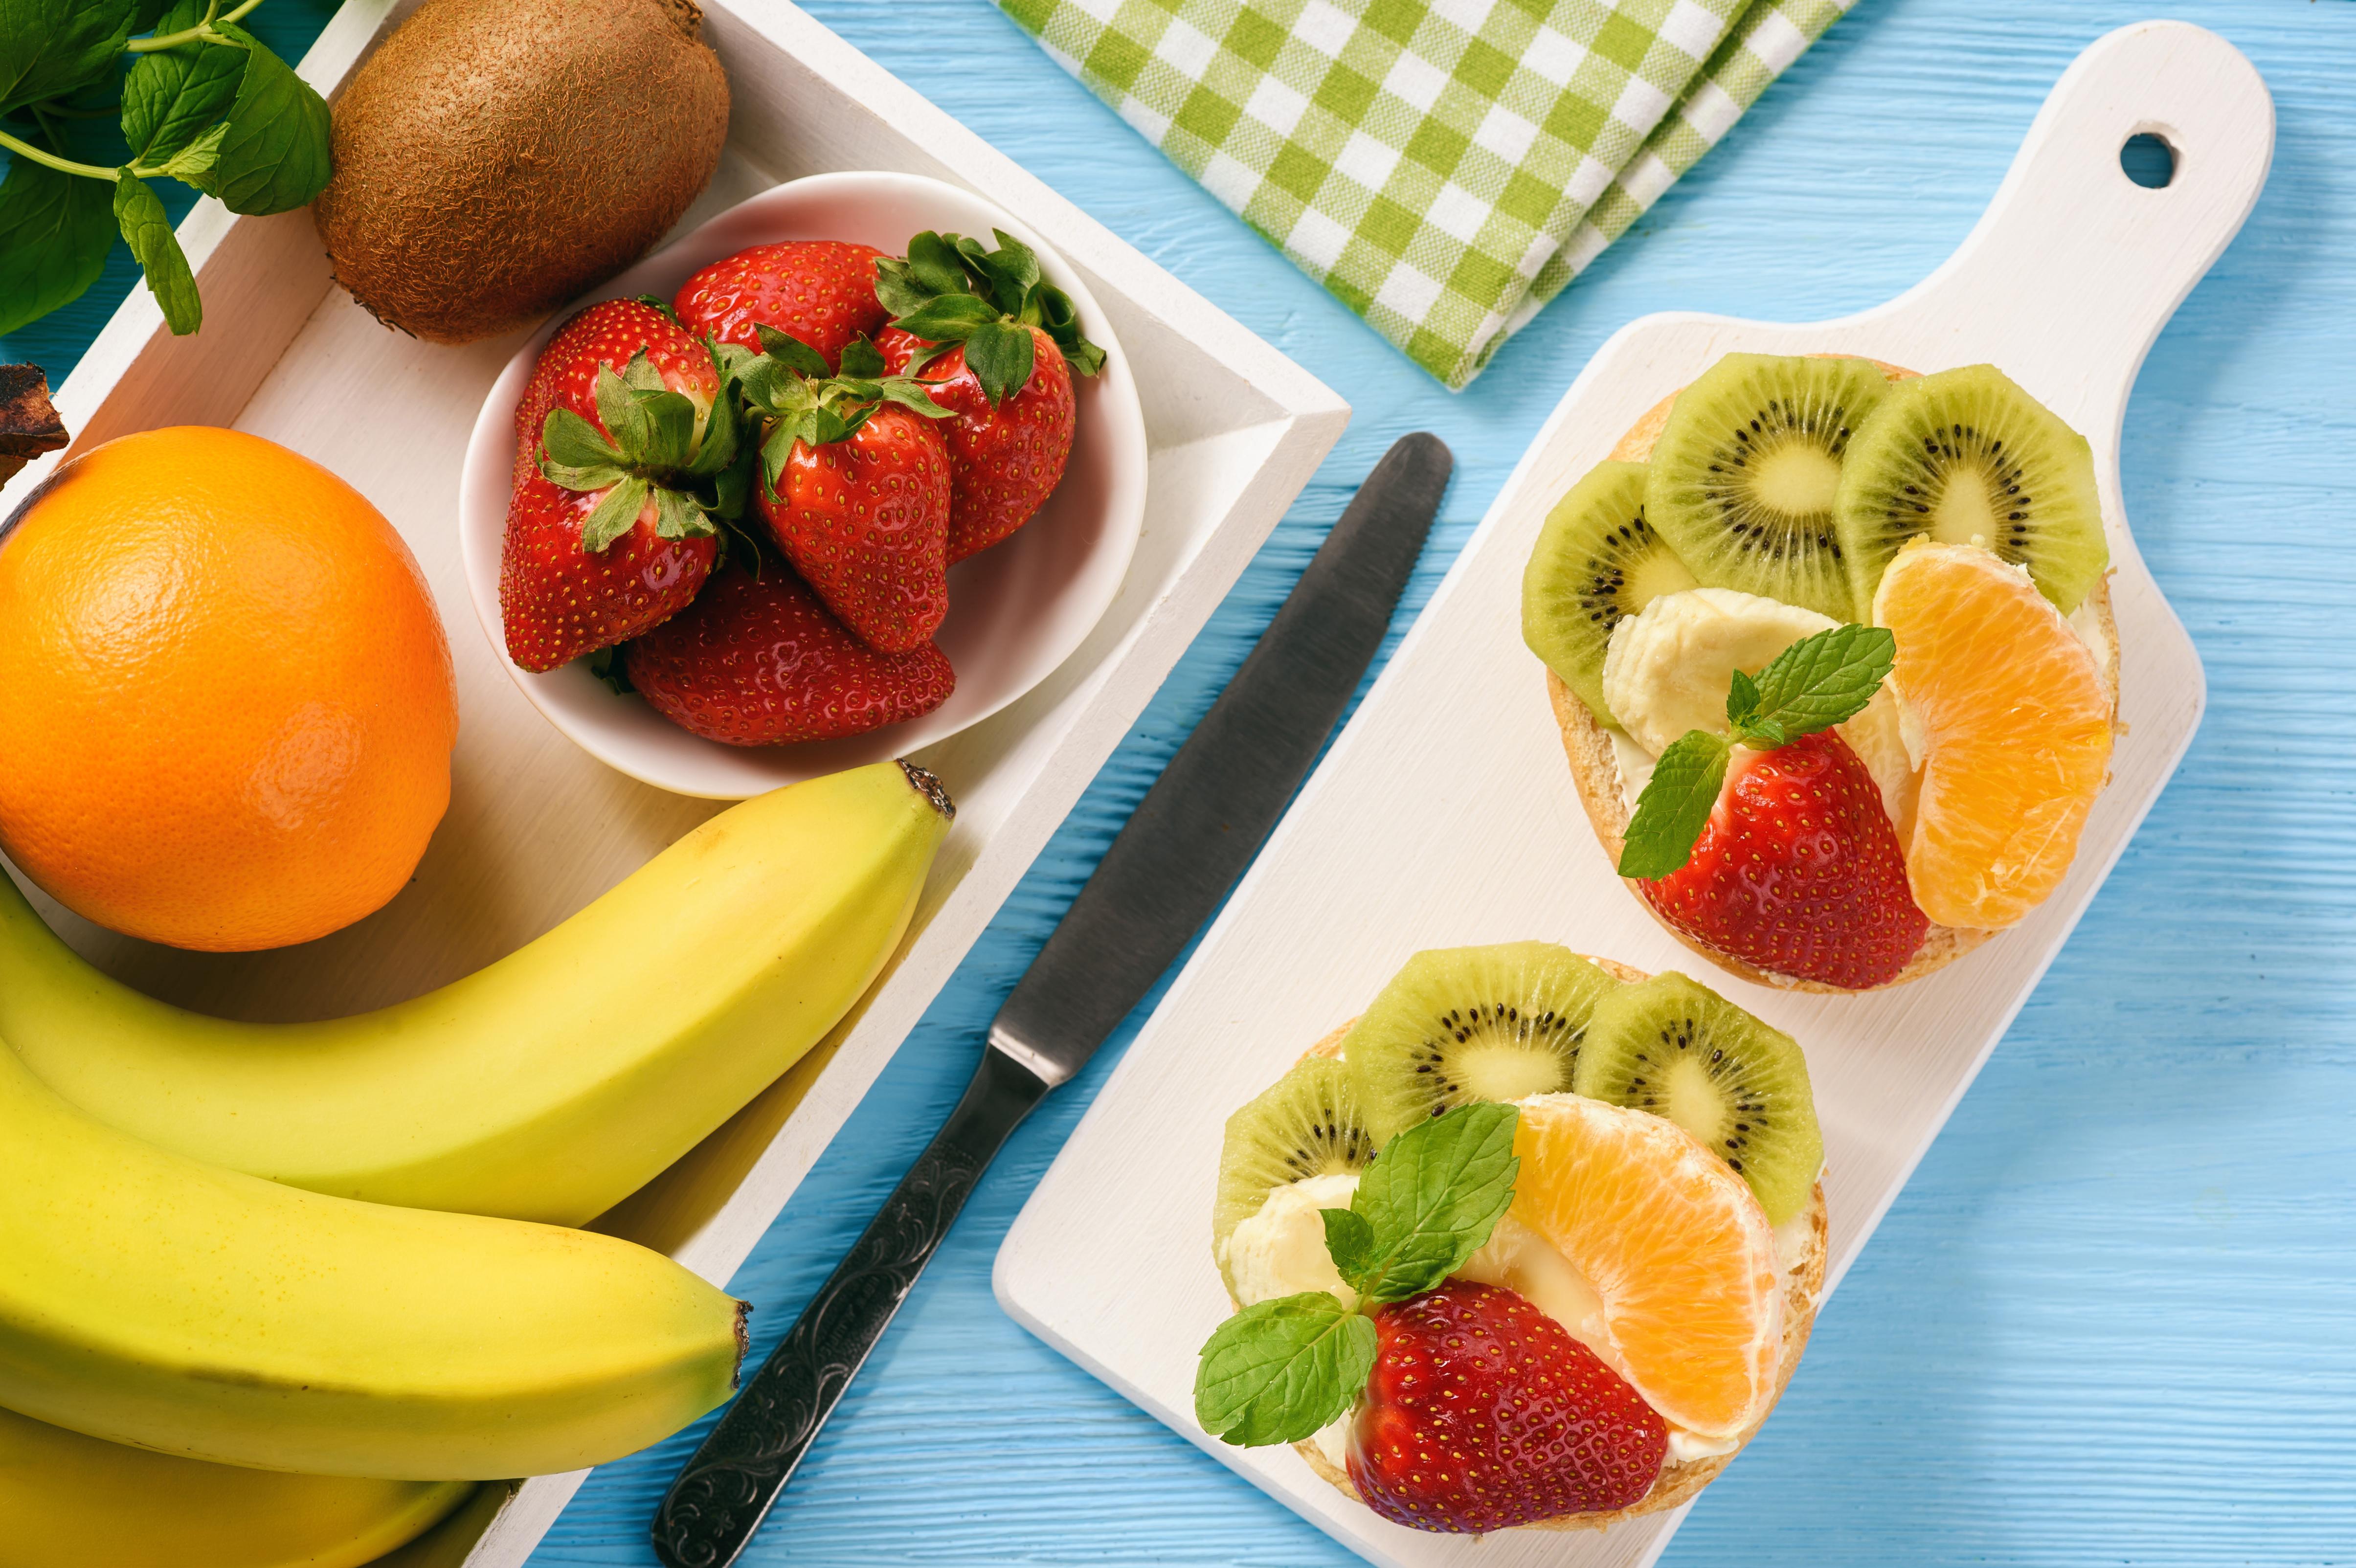 Диета Завтрак Банан. Японская утренняя банановая диета для снижения веса